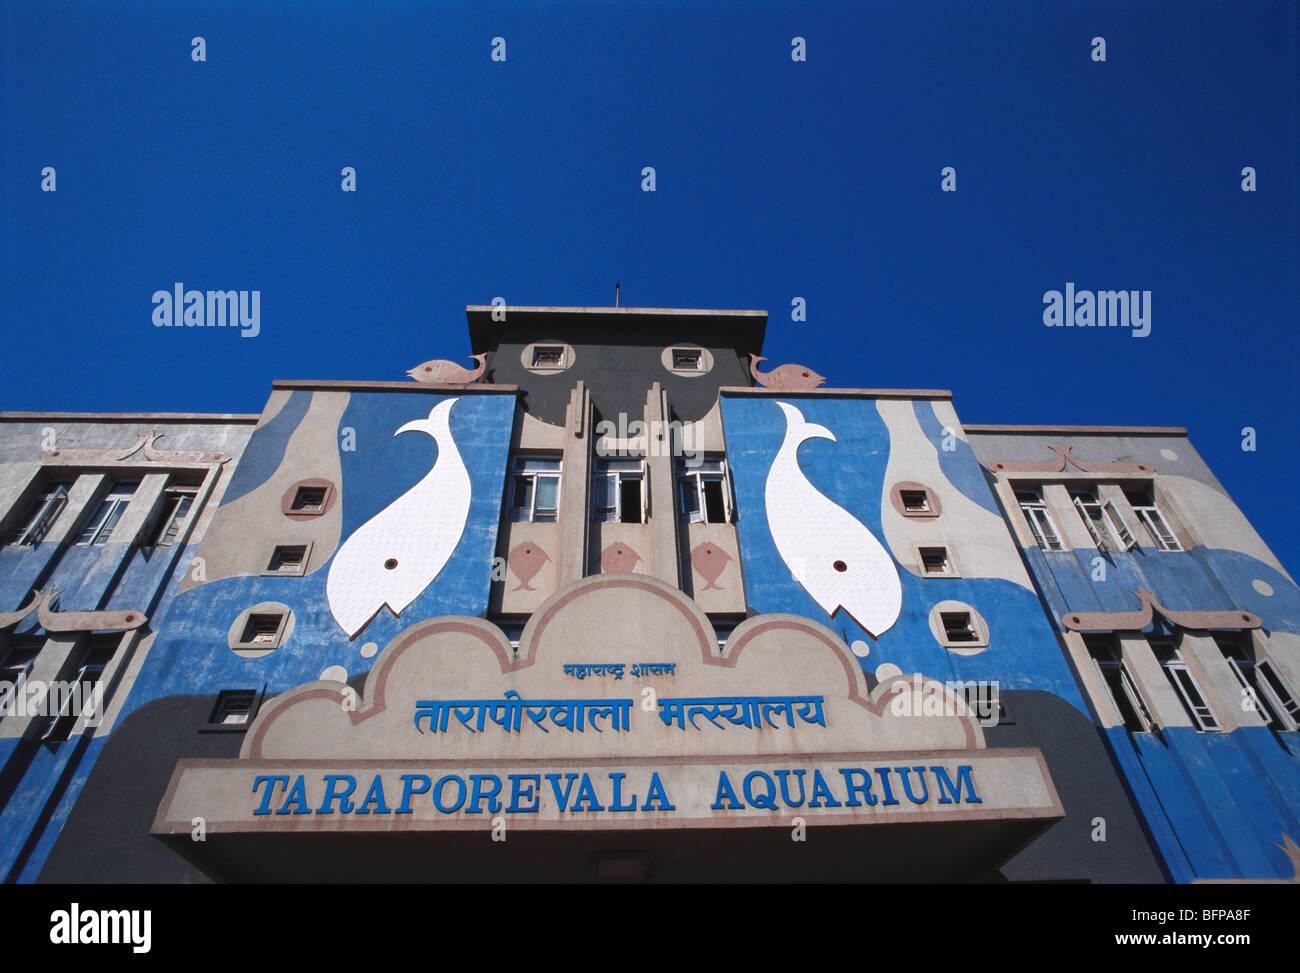 Fish aquarium tarapur - Vhm 65383 Taraporevala Aquarium Marine Drive Bombay Mumbai Maharashtra India